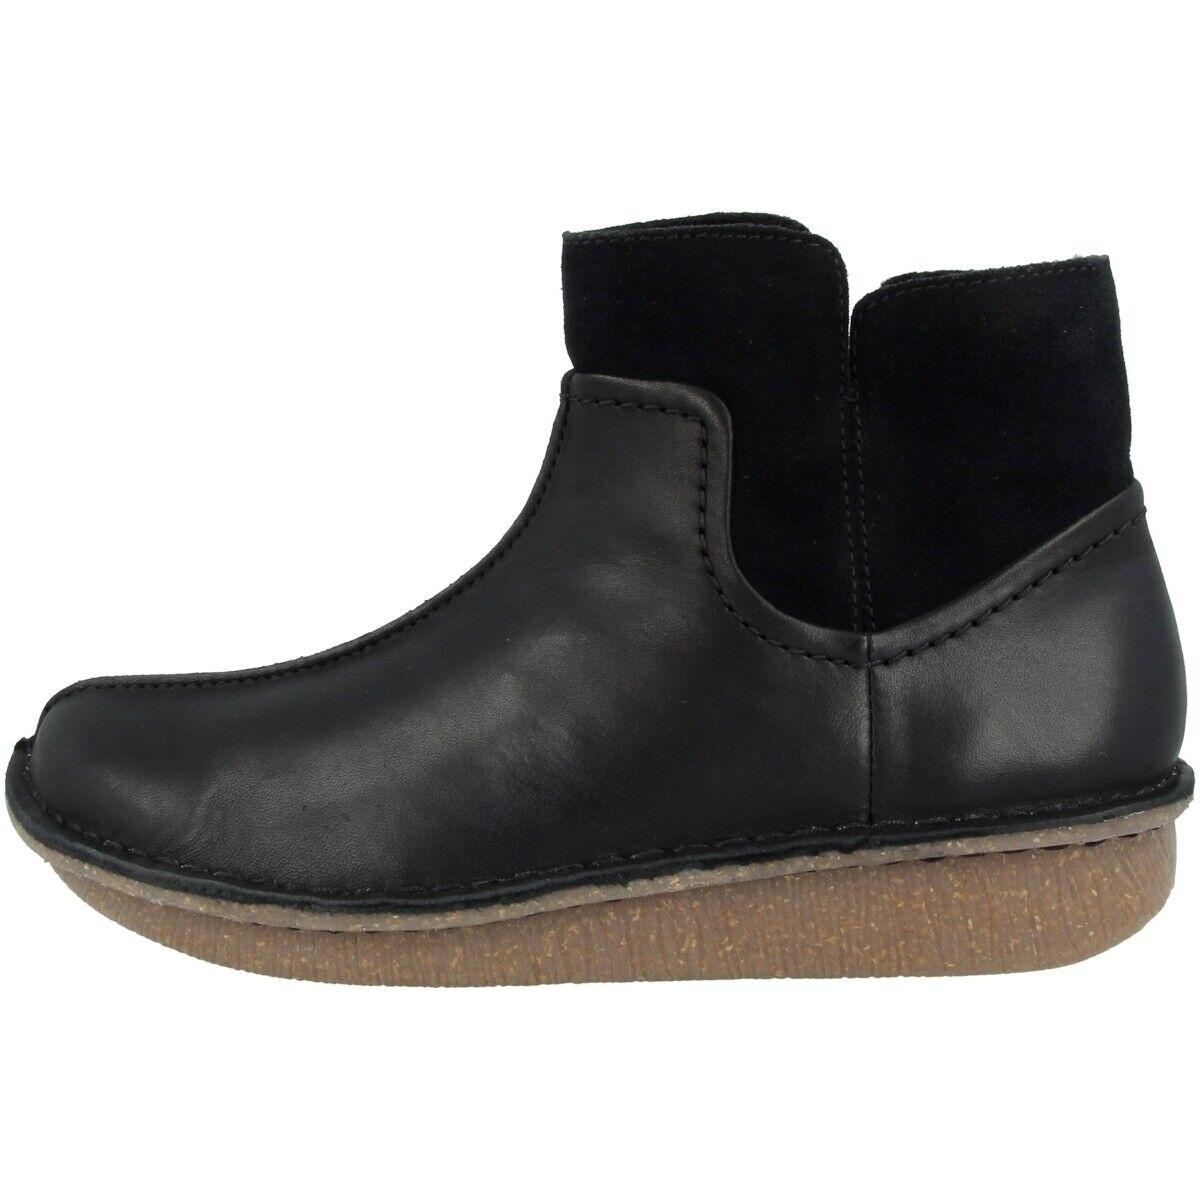 Clarks Funny Mid scarpe donna Leather stivali Ankle stivali nero  Combi 26144321  fino al 42% di sconto